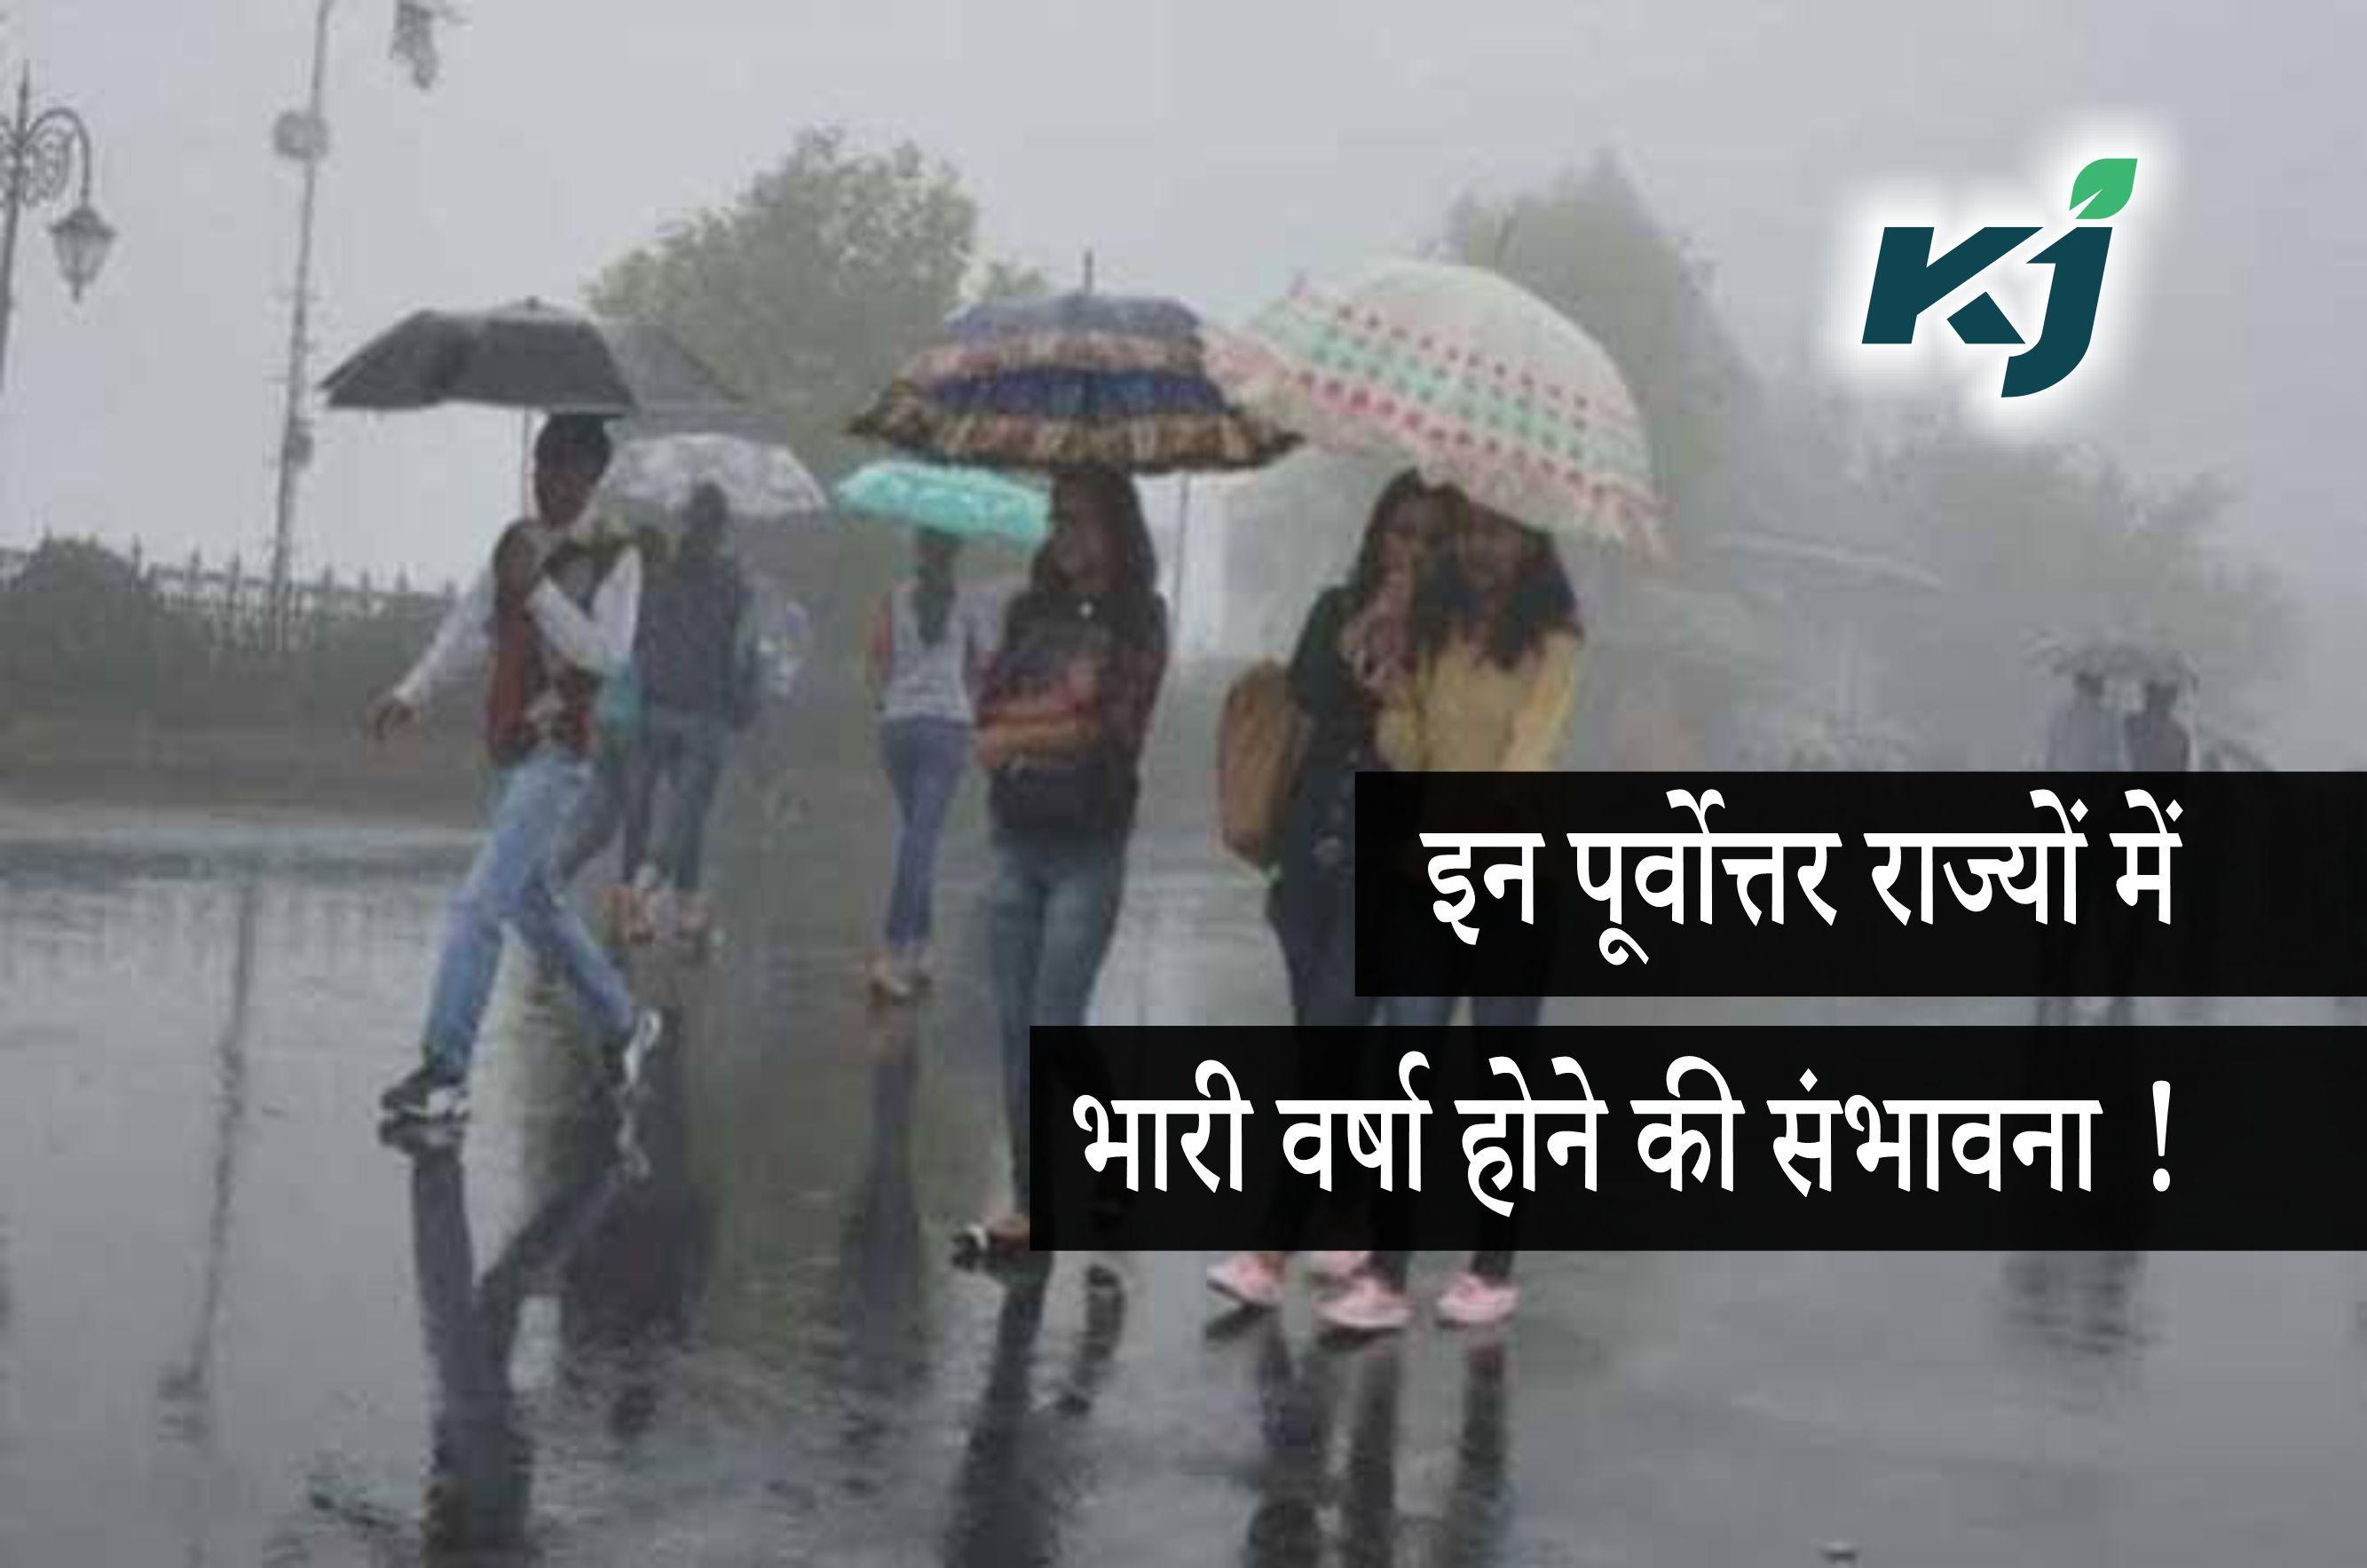 अगले 24 घंटों के दौरान देश के इन पूर्वोत्तर राज्यों में भारी वर्षा होने की संभावना !